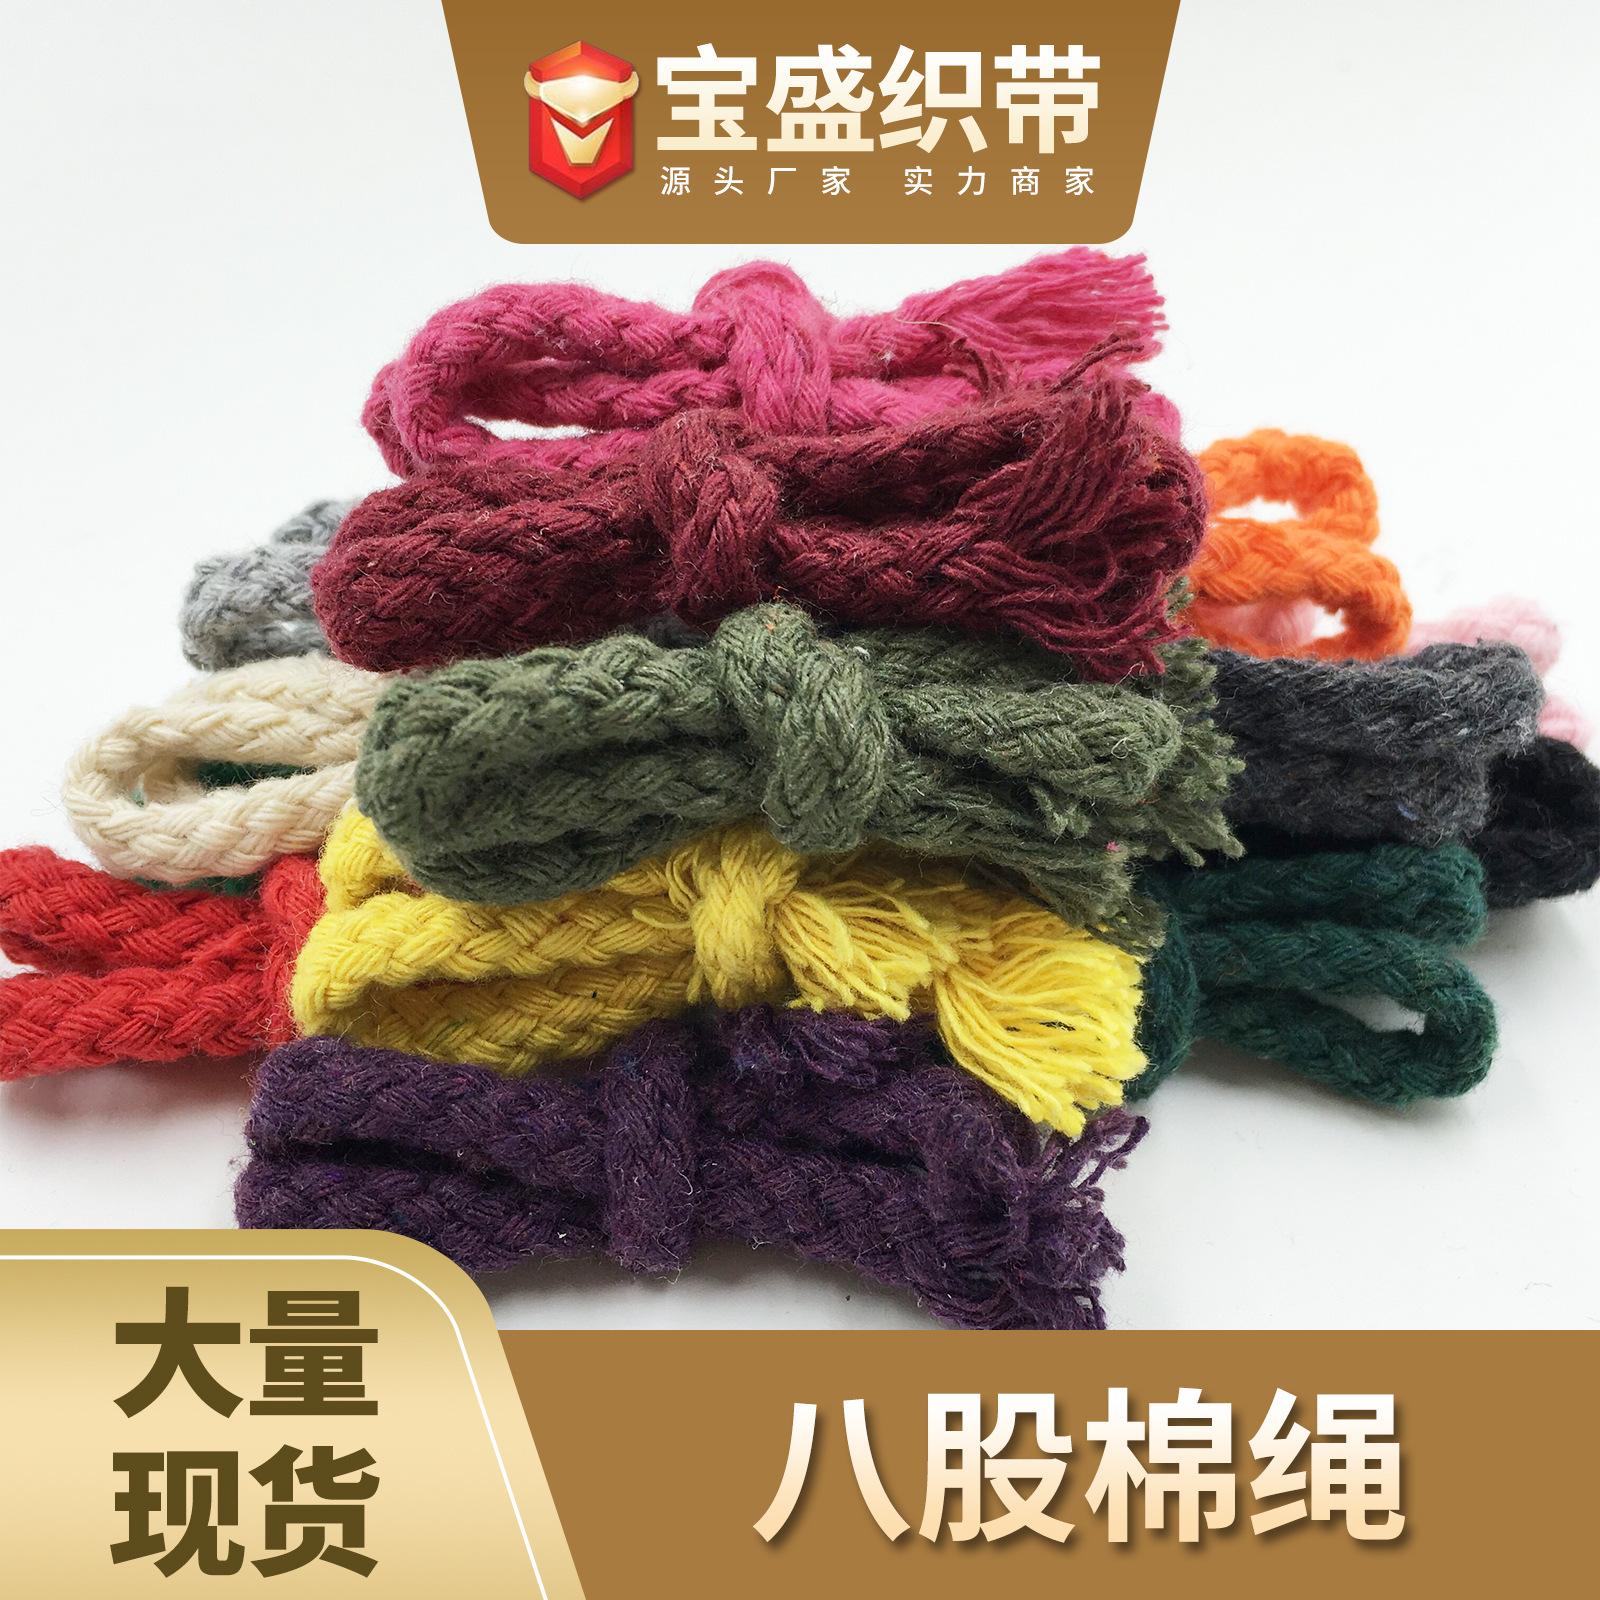 绳带厂现货批发 本白全棉腰绳 八股编织空心帽绳 礼品袋束口绳子